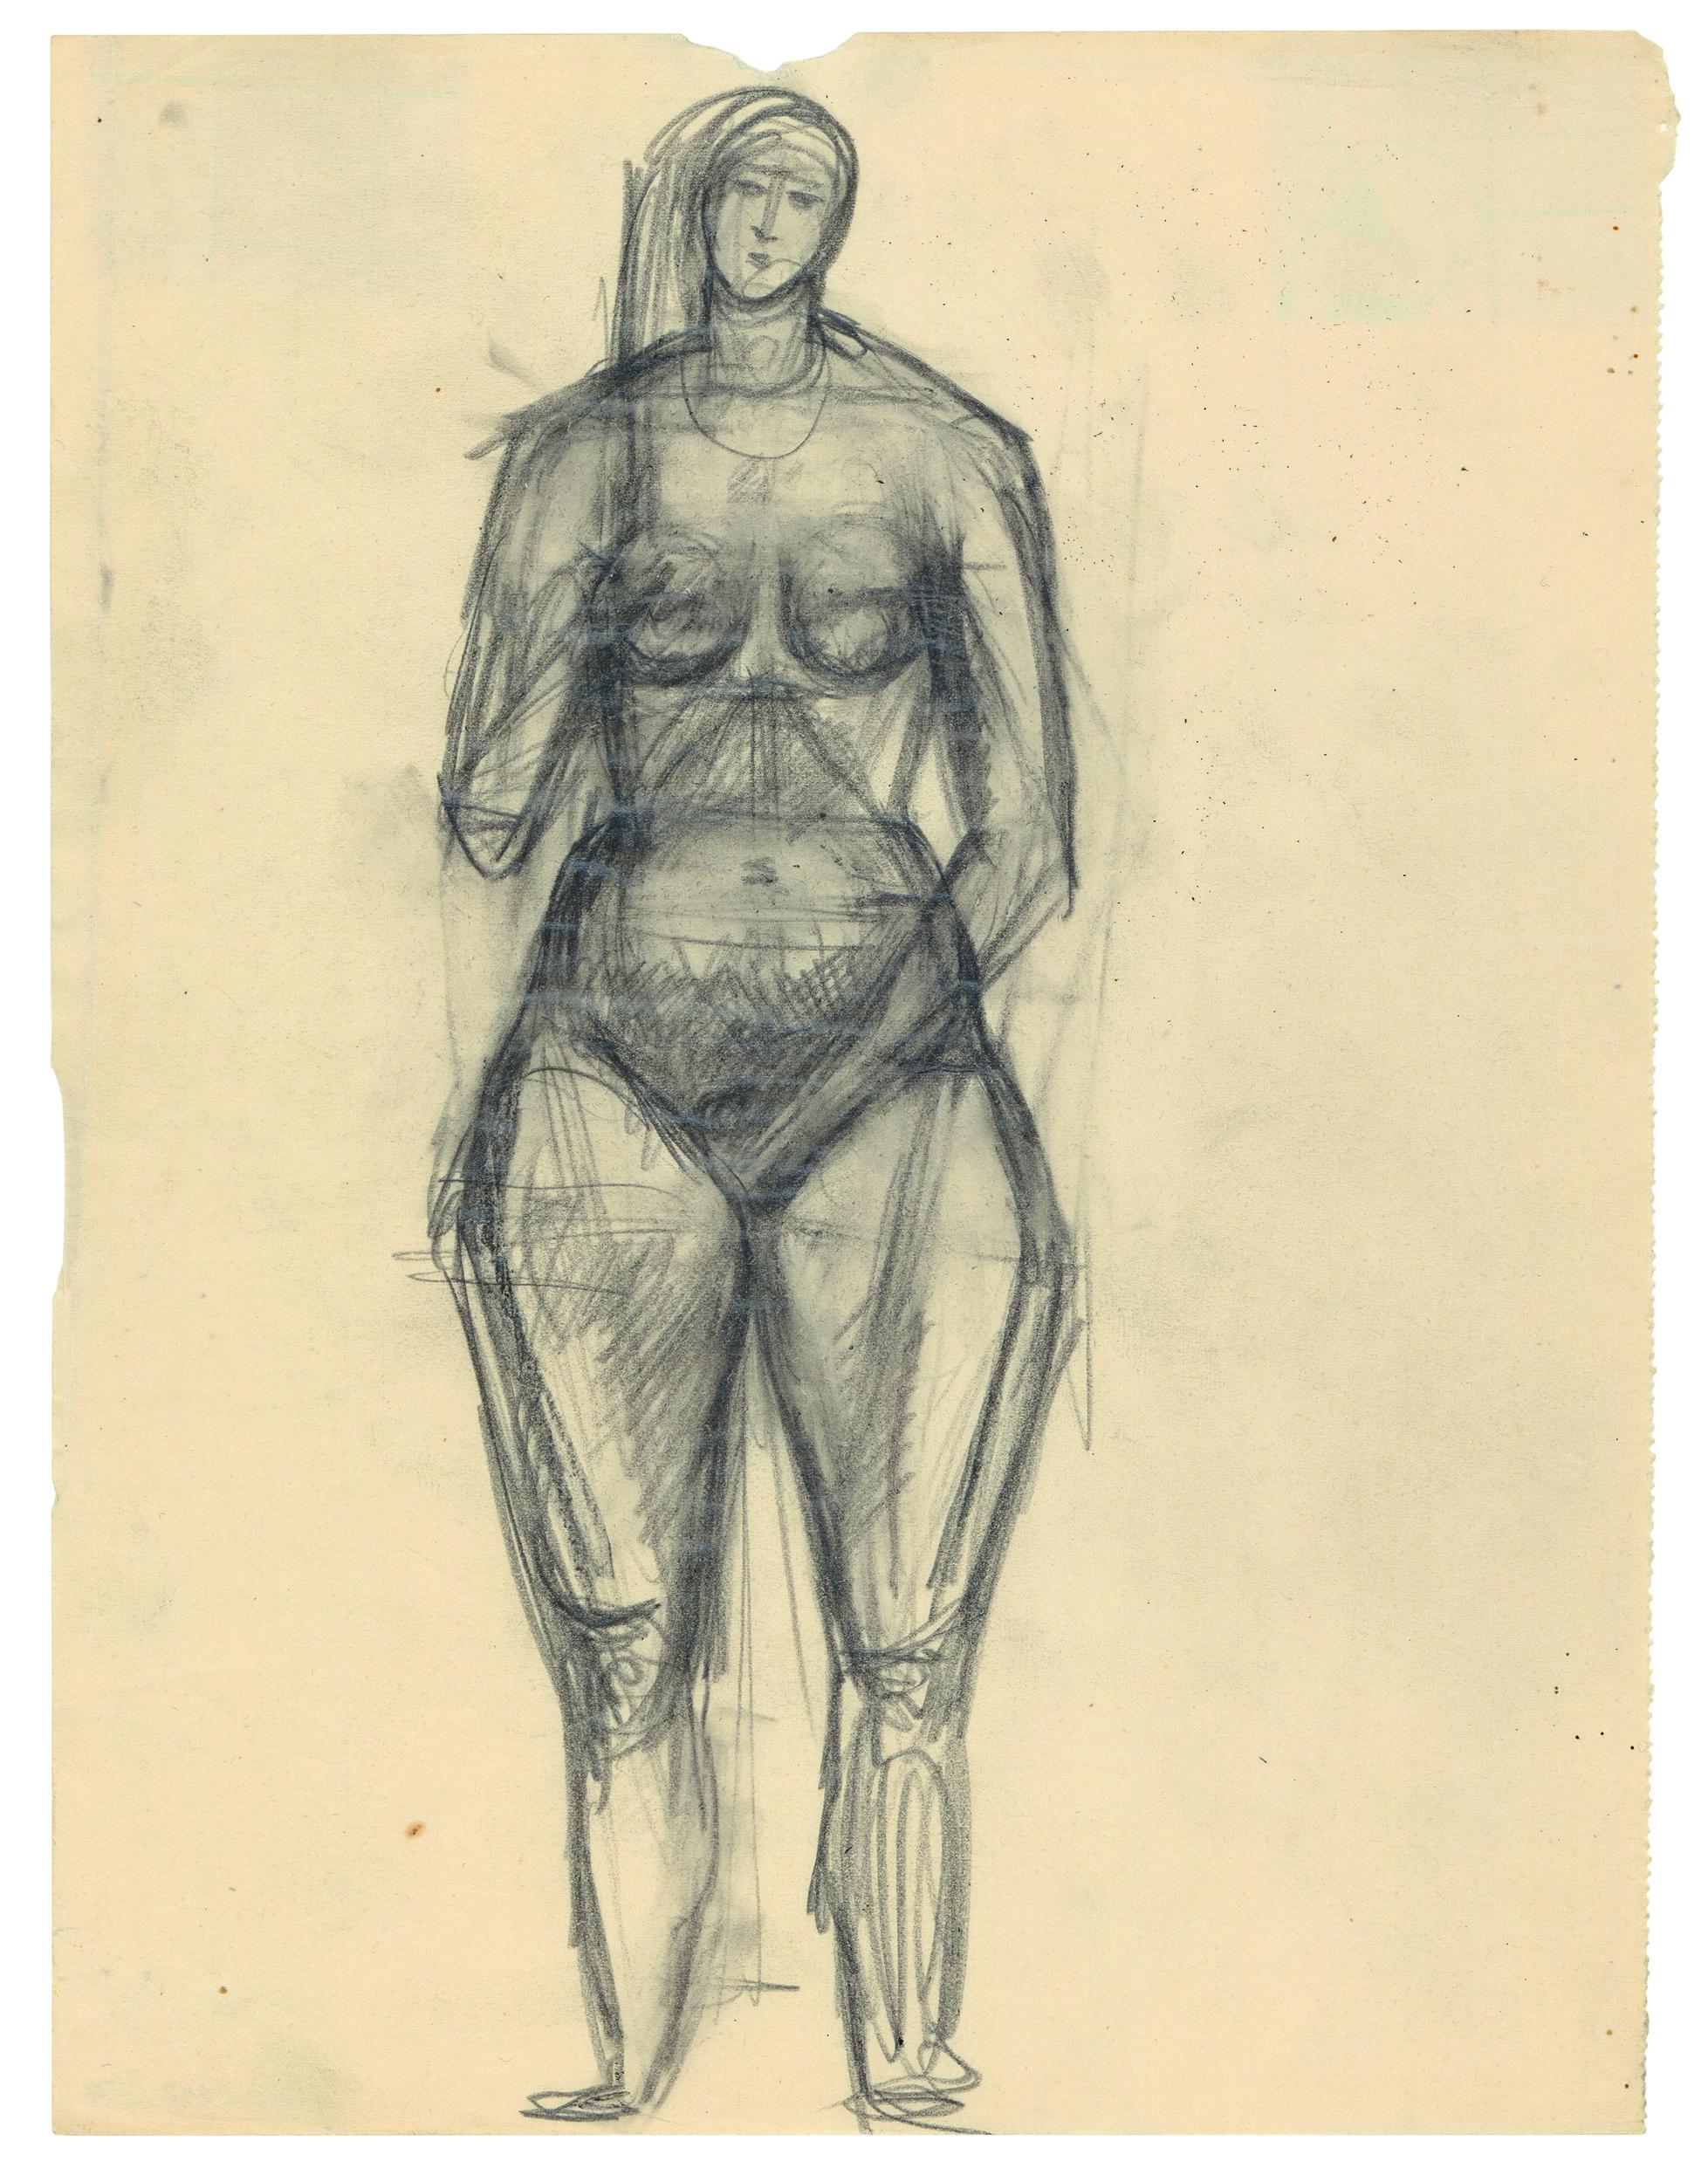 Zeichnungen und Aquarelle | Alberto Giacometti | findART.cc alte und ...